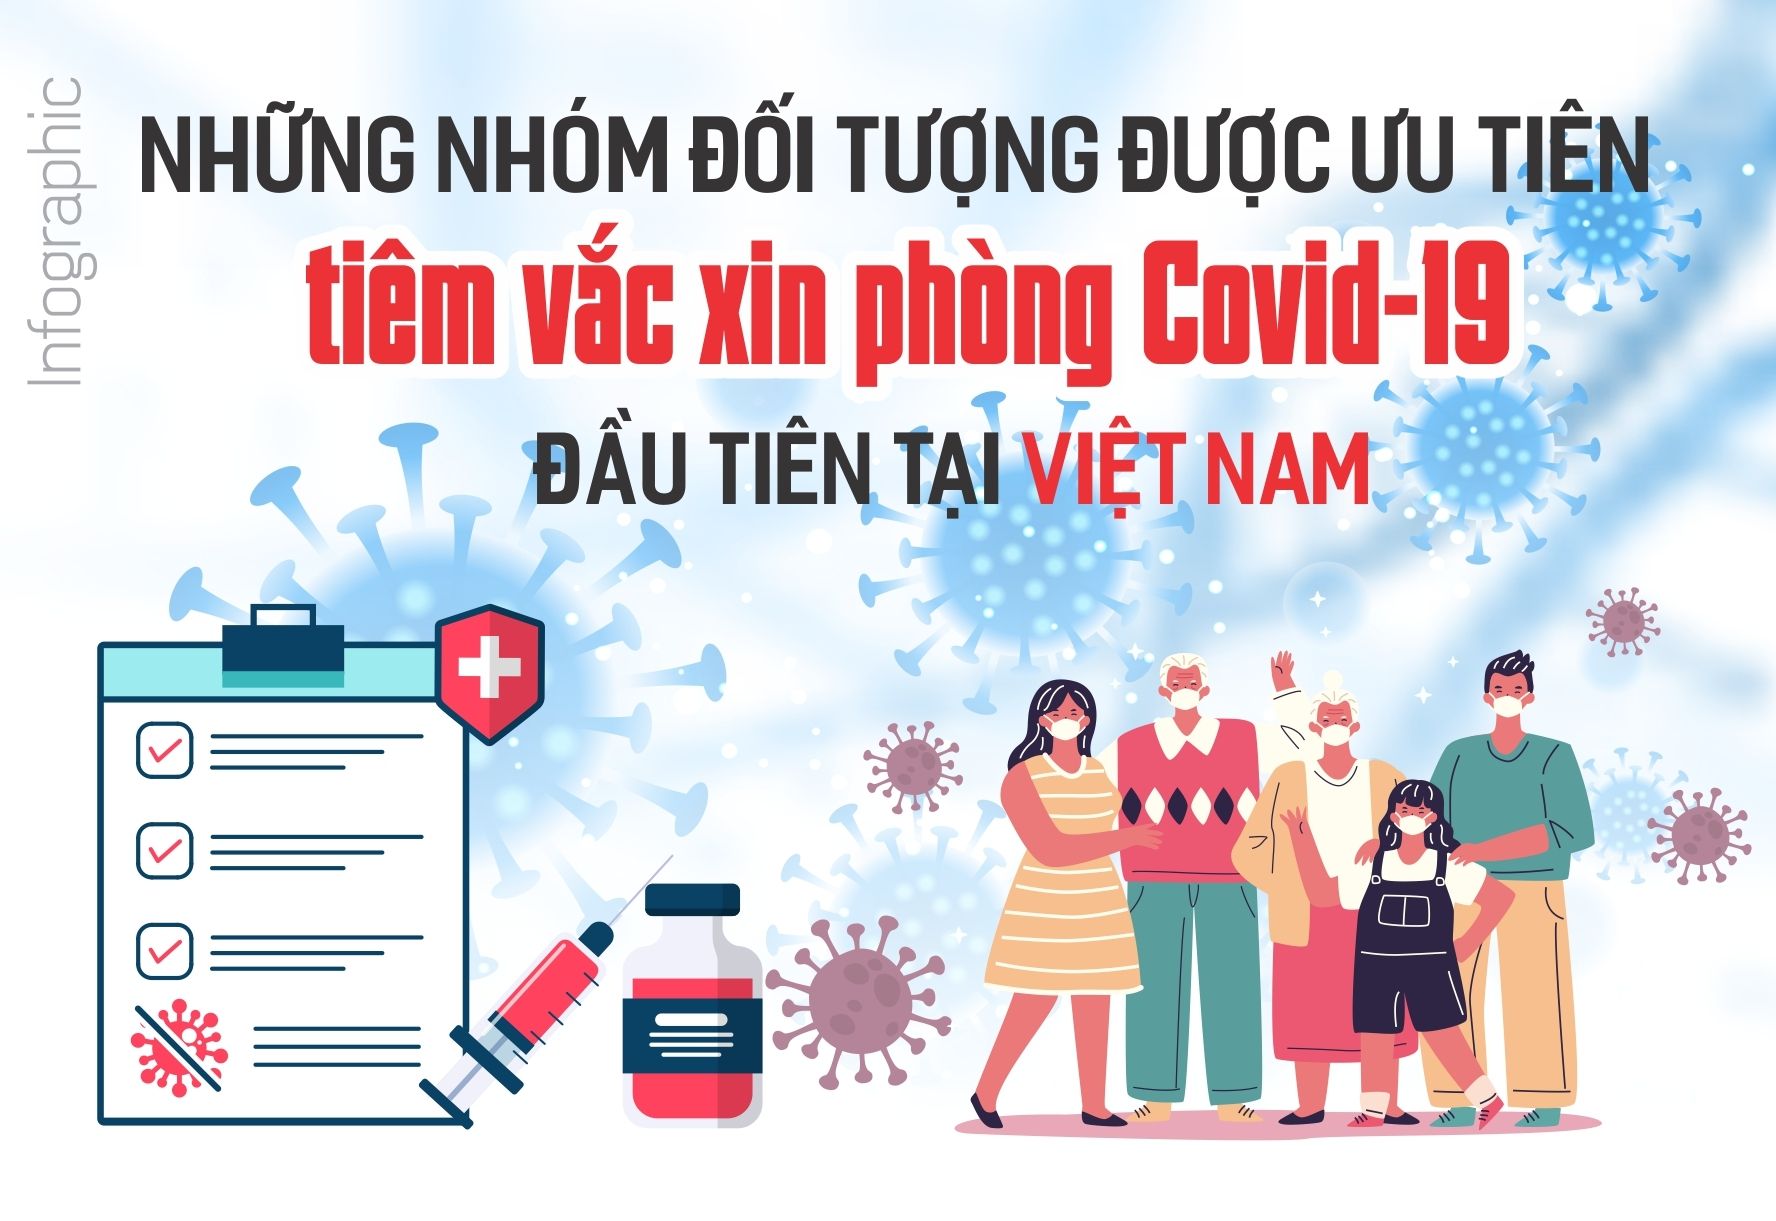 [INFOGRAPHIC] 11 nhóm đối tượng được ưu tiên tiêm vắc xin phòng Covid-19 đầu tiên tại Việt Nam